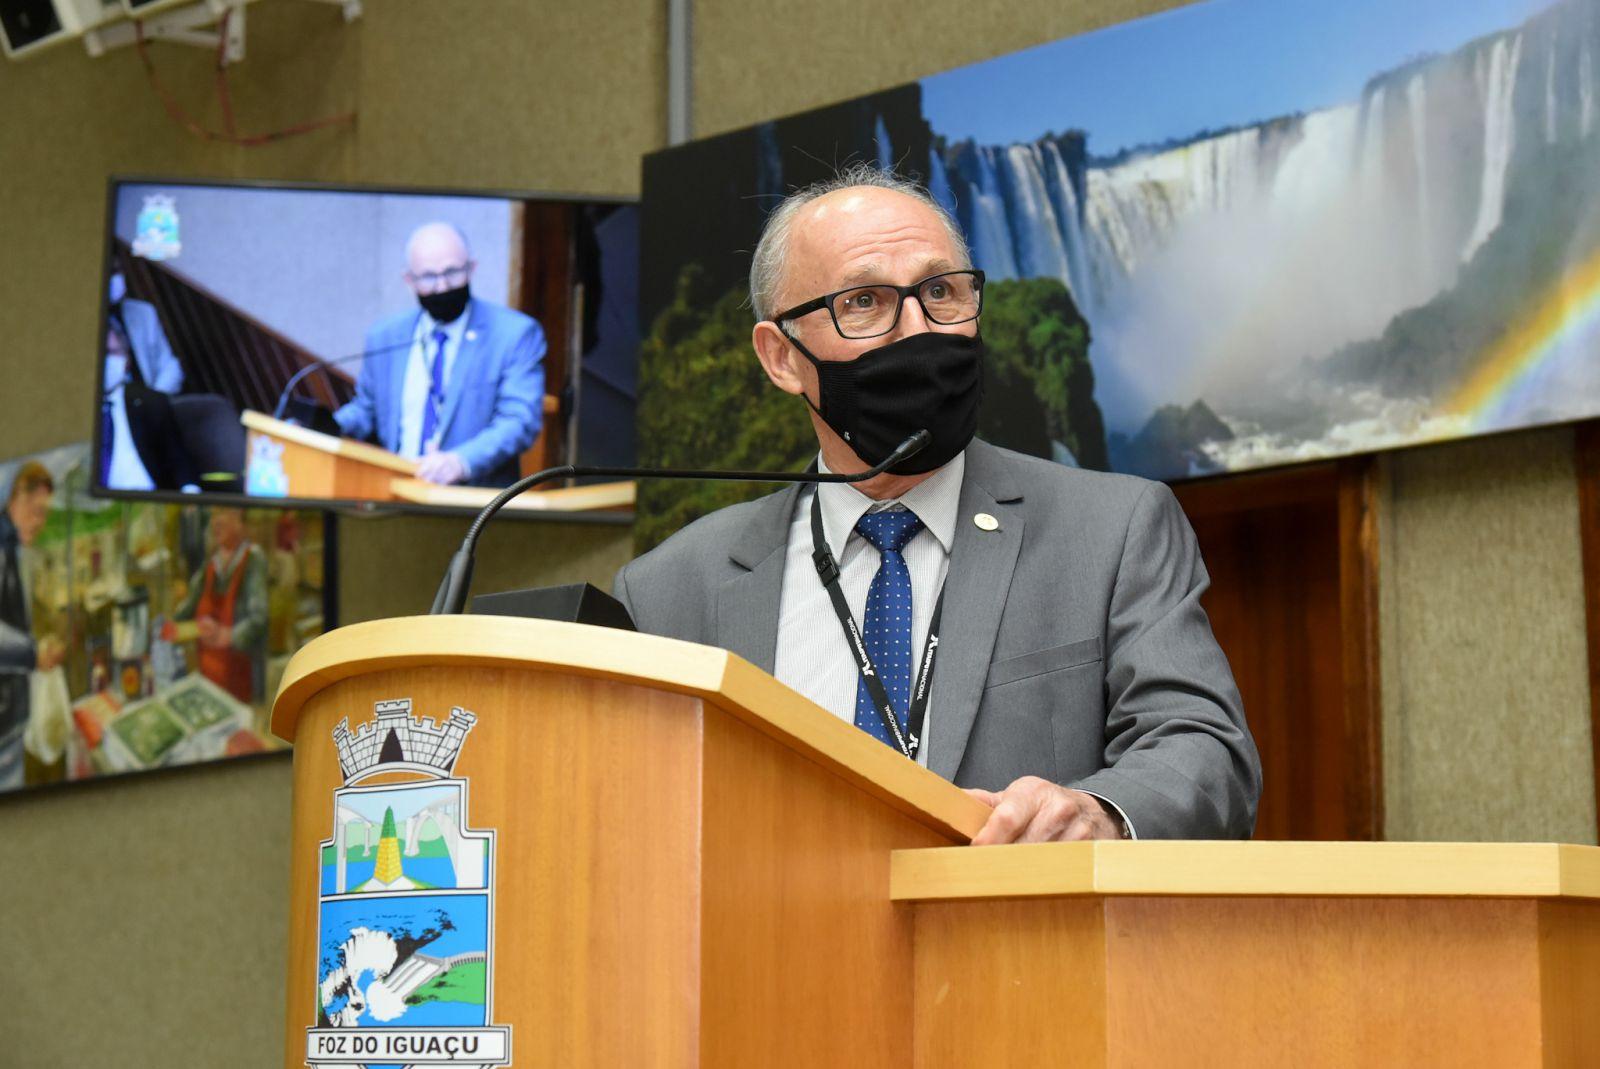 Profissionais da saúde são exemplos de dedicação e solidariedade, afirma general Ferreira